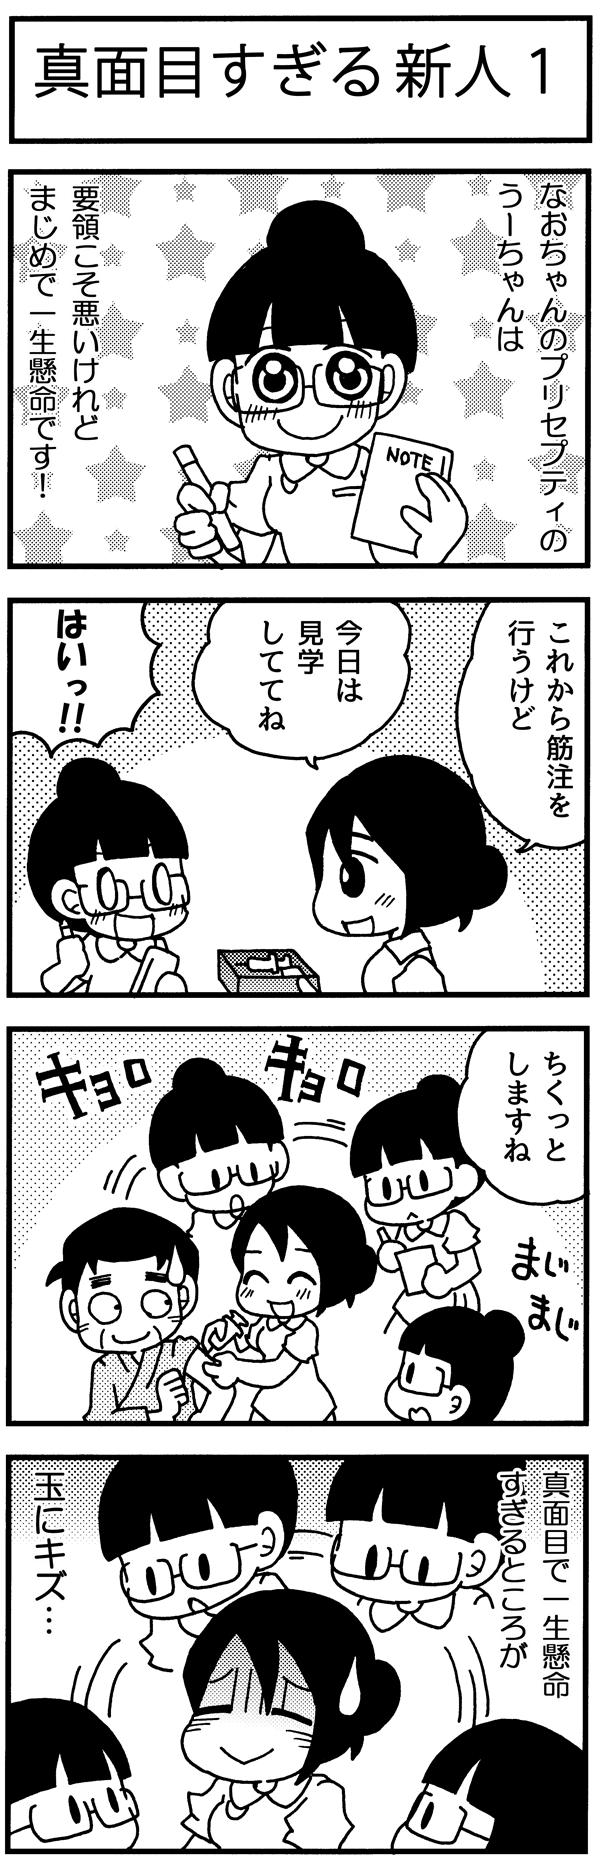 真面目すぎる新人1.なおちゃんのプリセプティのうーちゃんは、要領こそ悪いけれど真面目で一生懸命です。けれど、真面目で一生懸命すぎる所が、玉にキズ…。